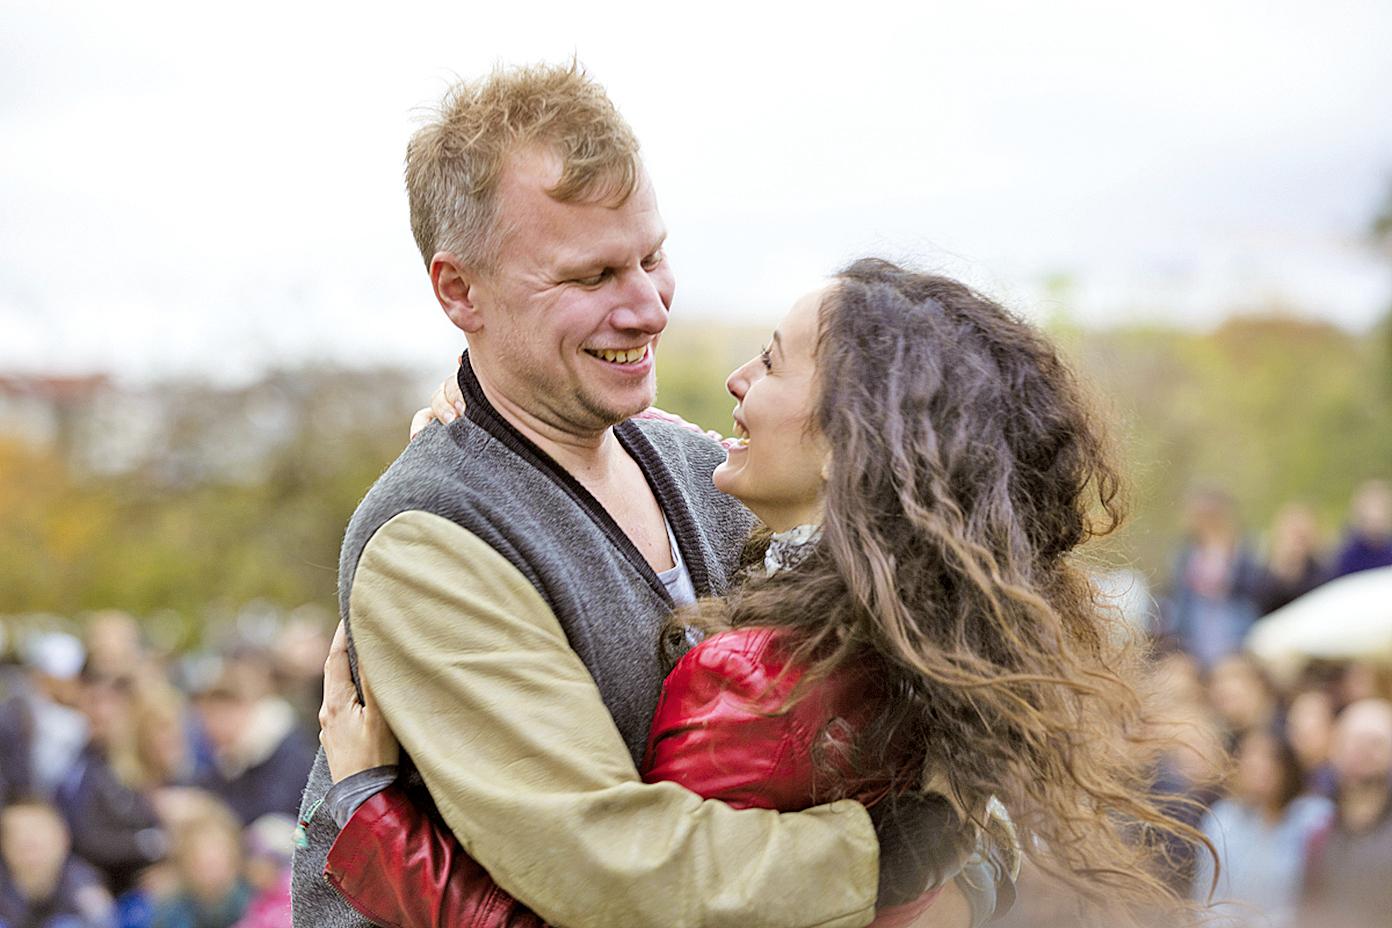 《柏林我愛你》集結多位知名導演執導,講述10個在德國柏林發生的愛情故事。